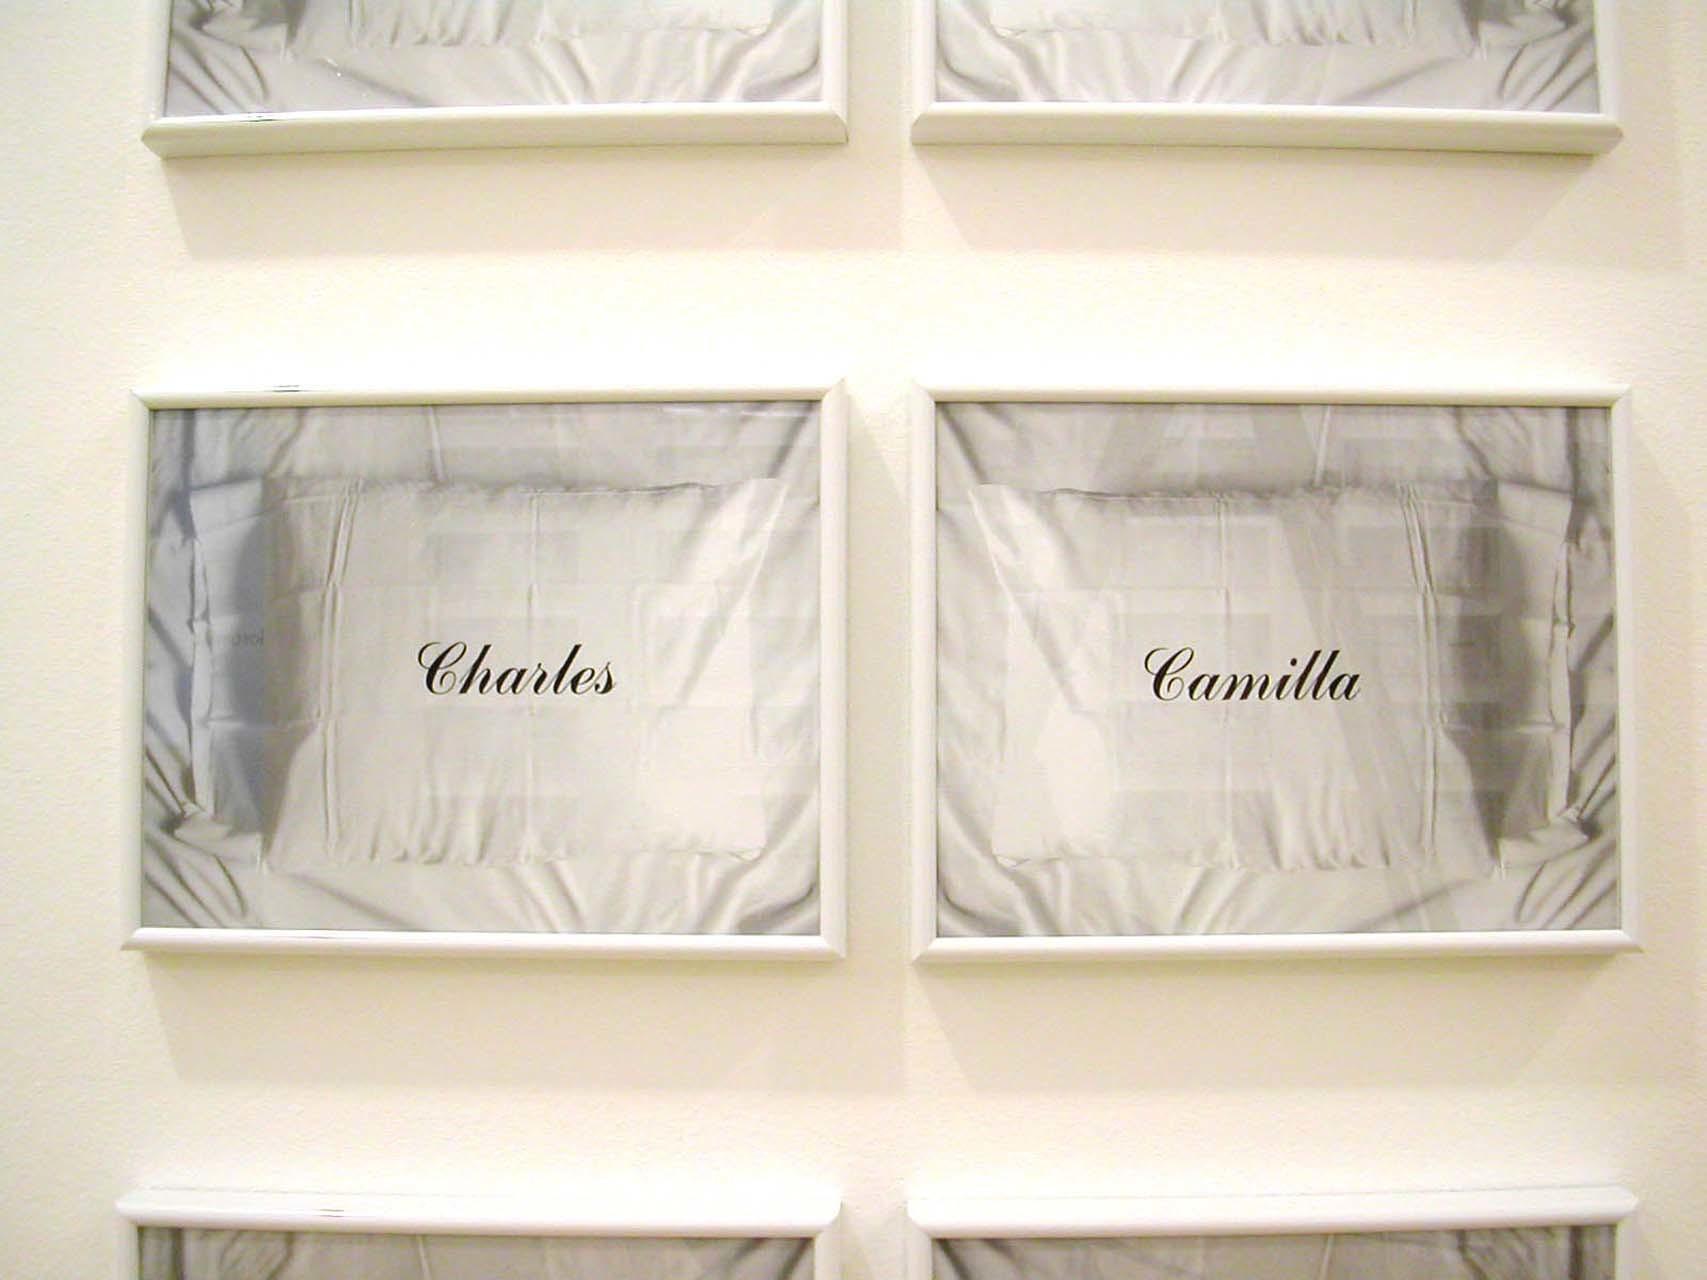 """<div class=""""artwork_caption""""><p>Charles & Camilla, 2002</p></div>"""